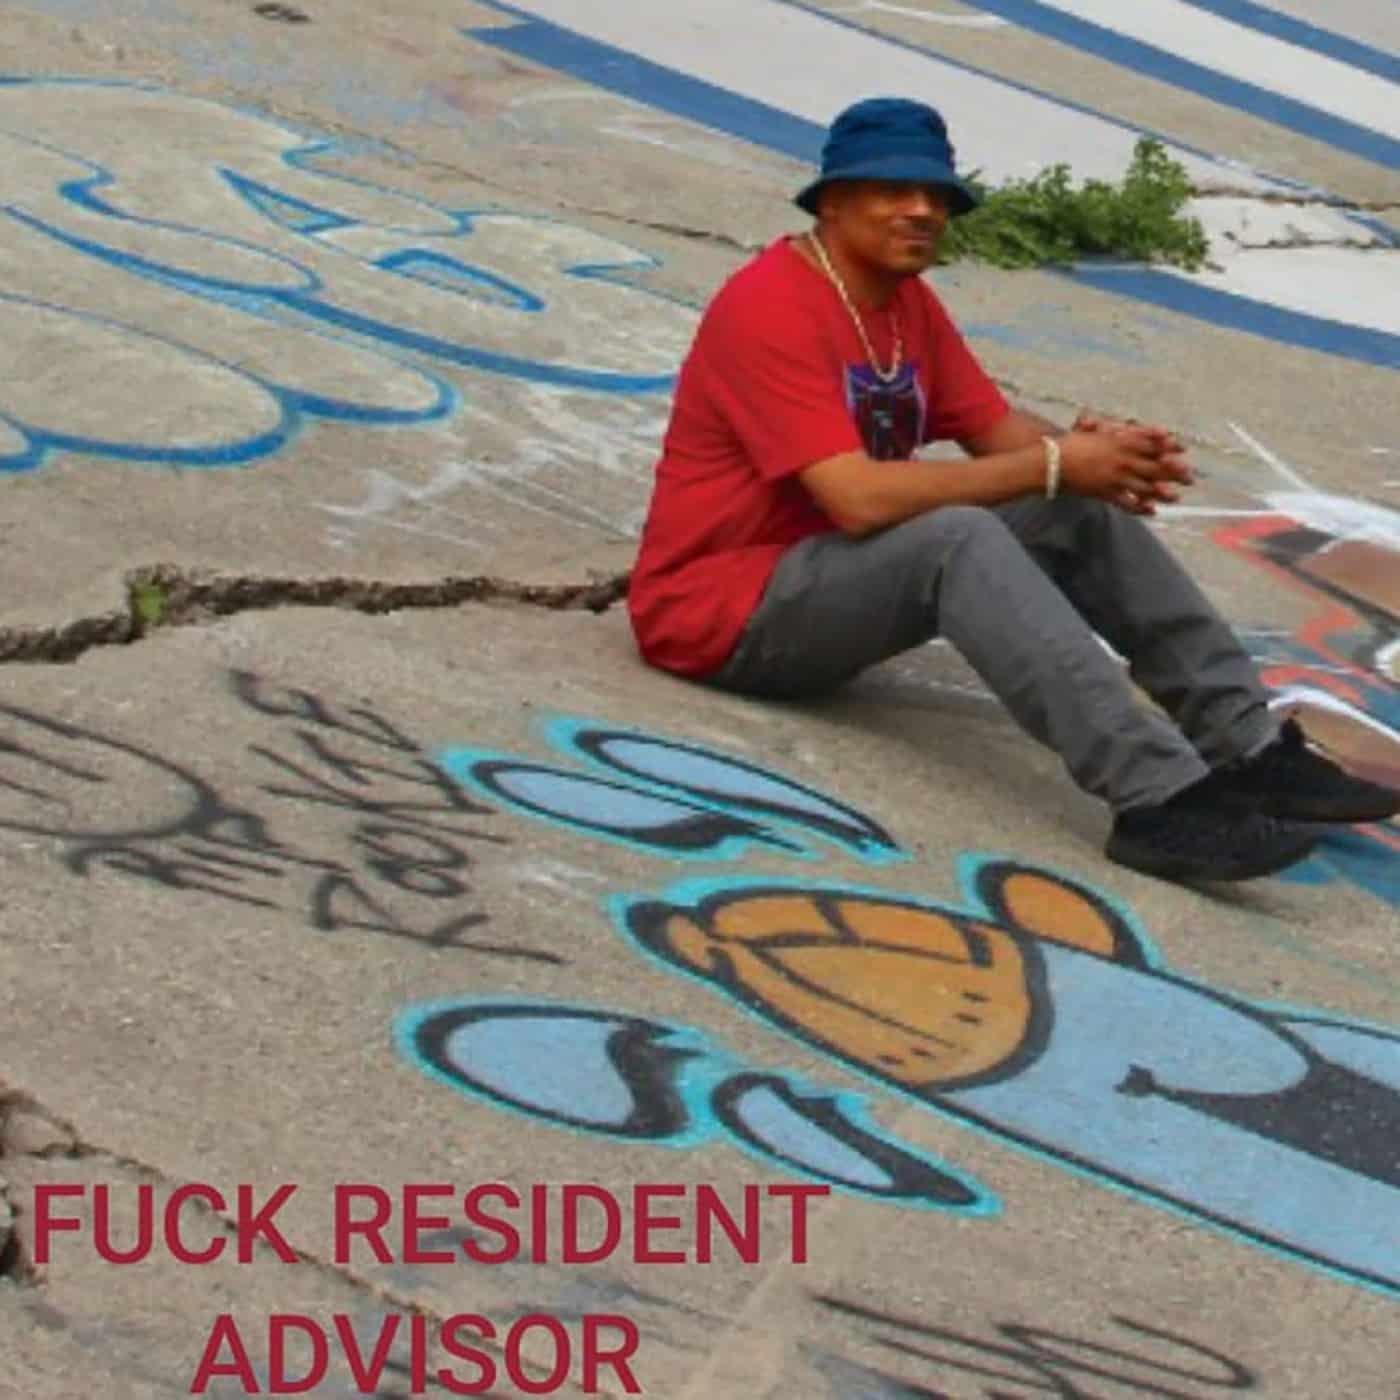 Omar S - Fuck Resident Advisor